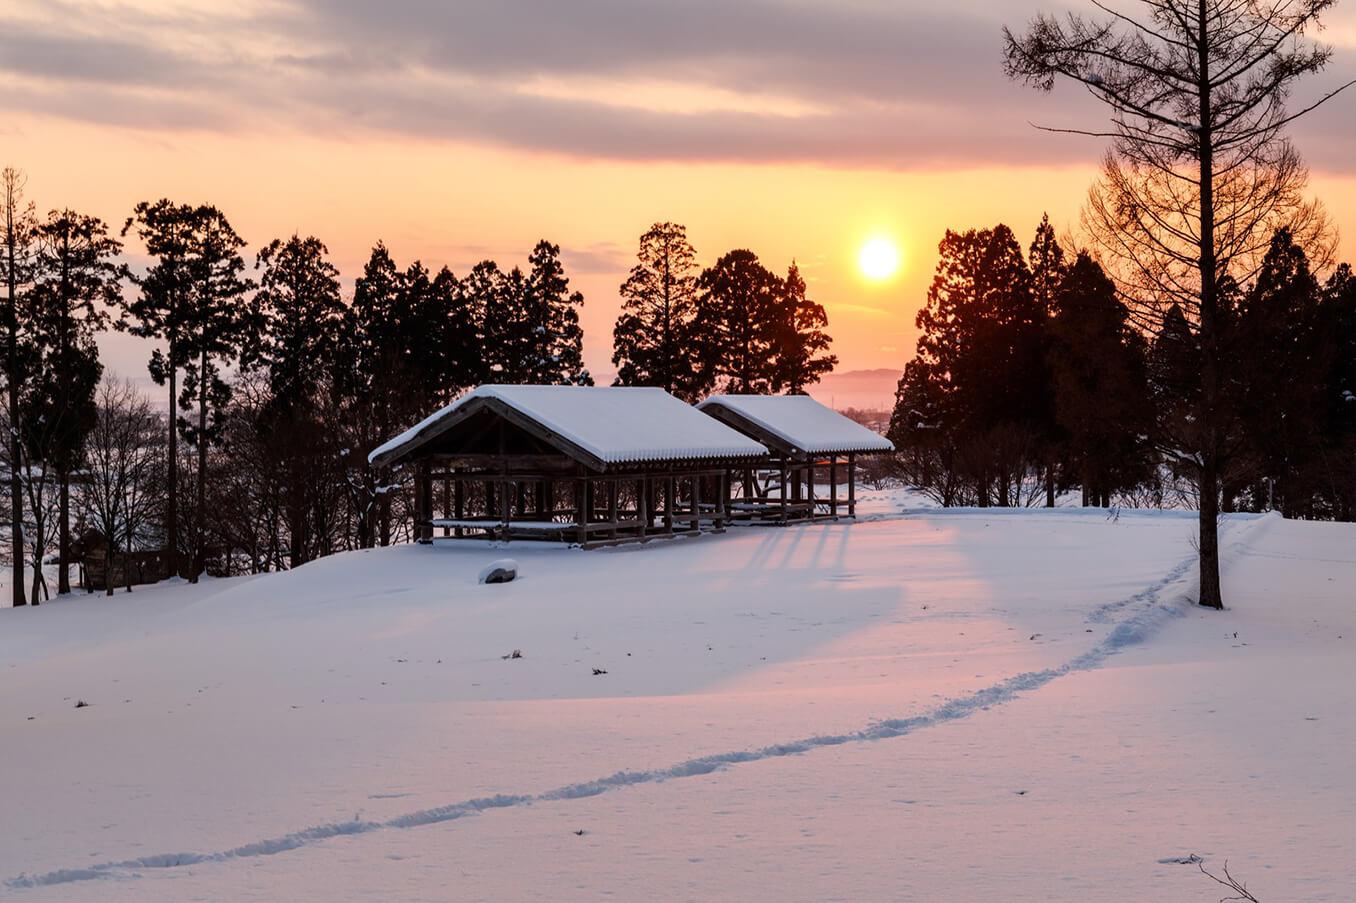 年末のごあいさつと冬季休業日のお知らせの画像